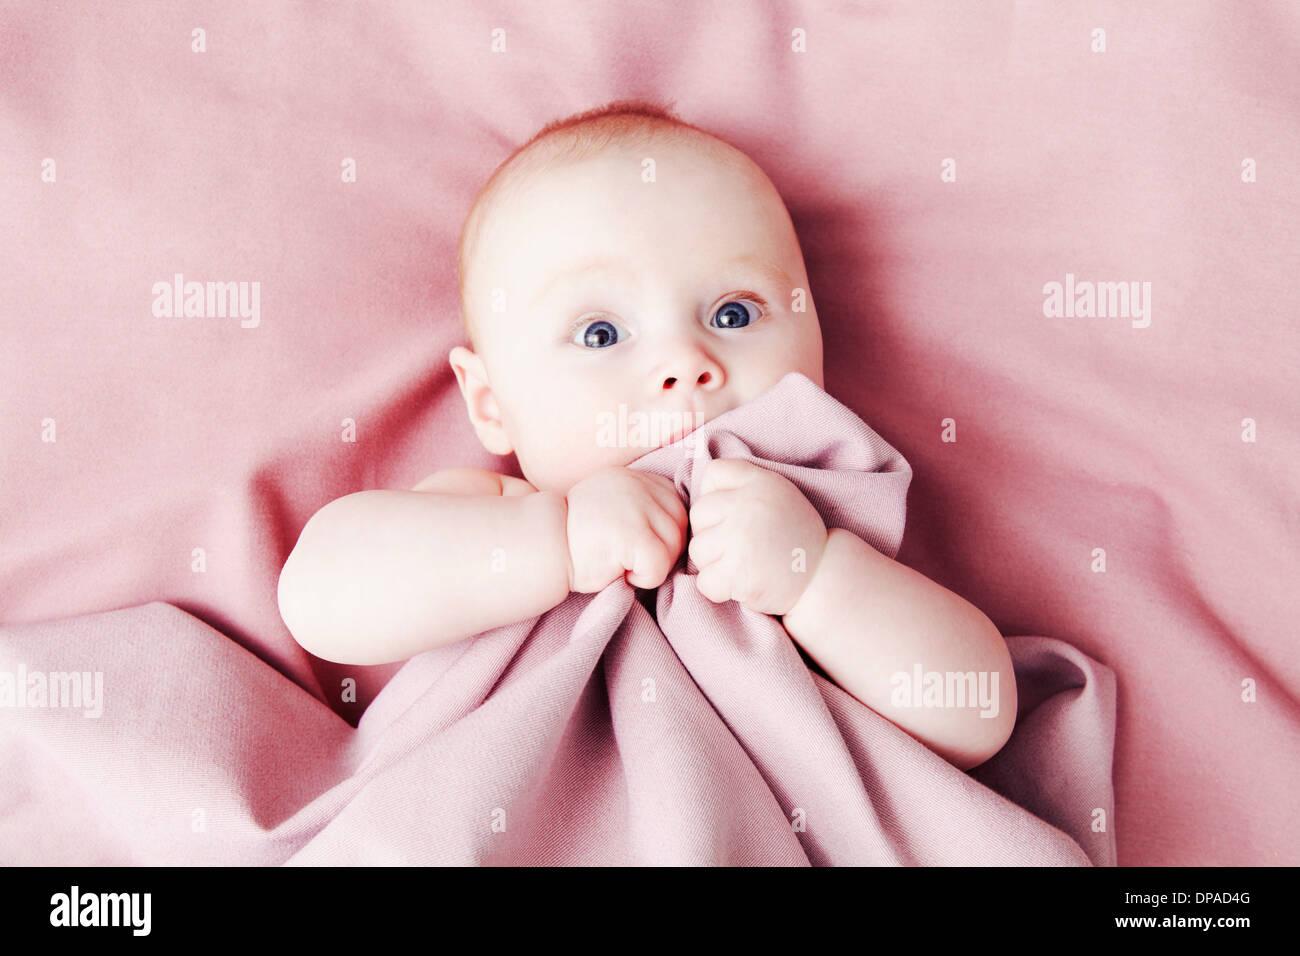 Baby girl on pink blanket - Stock Image